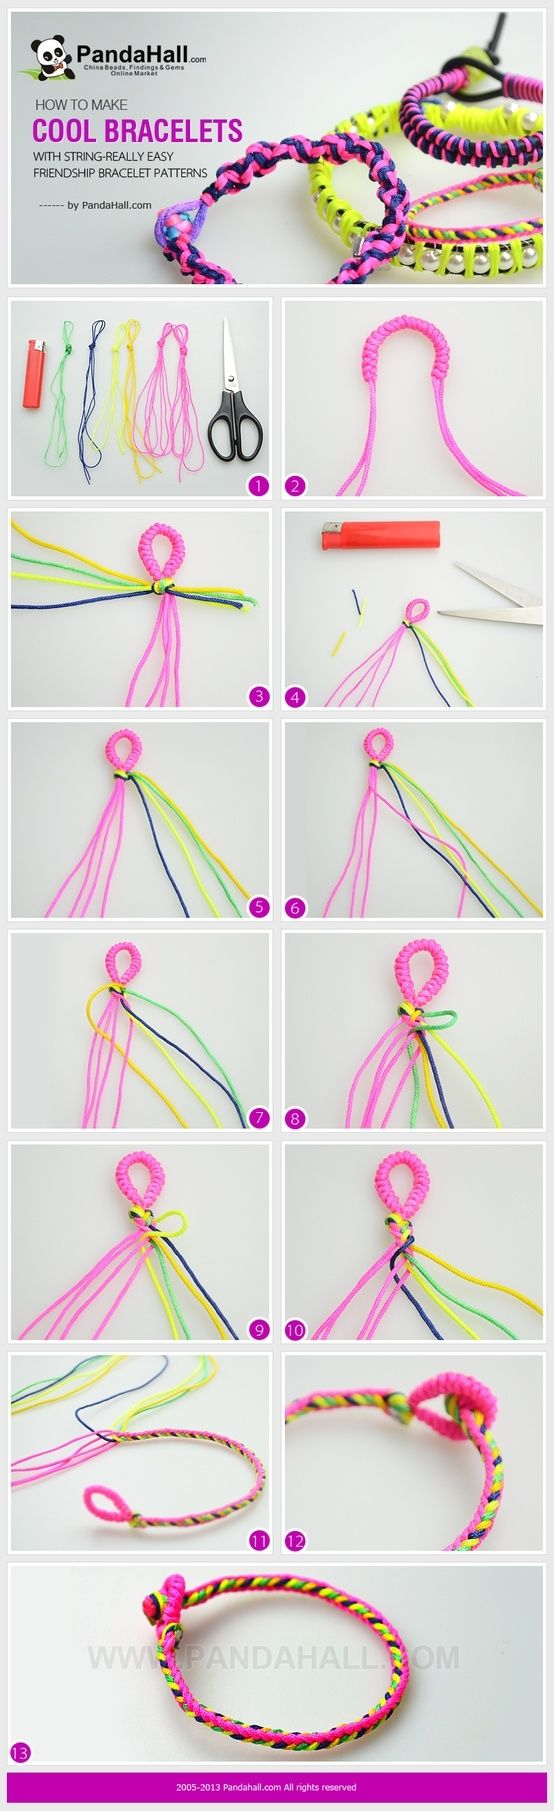 Красивые браслеты из ниток своими руками фото схемы 67